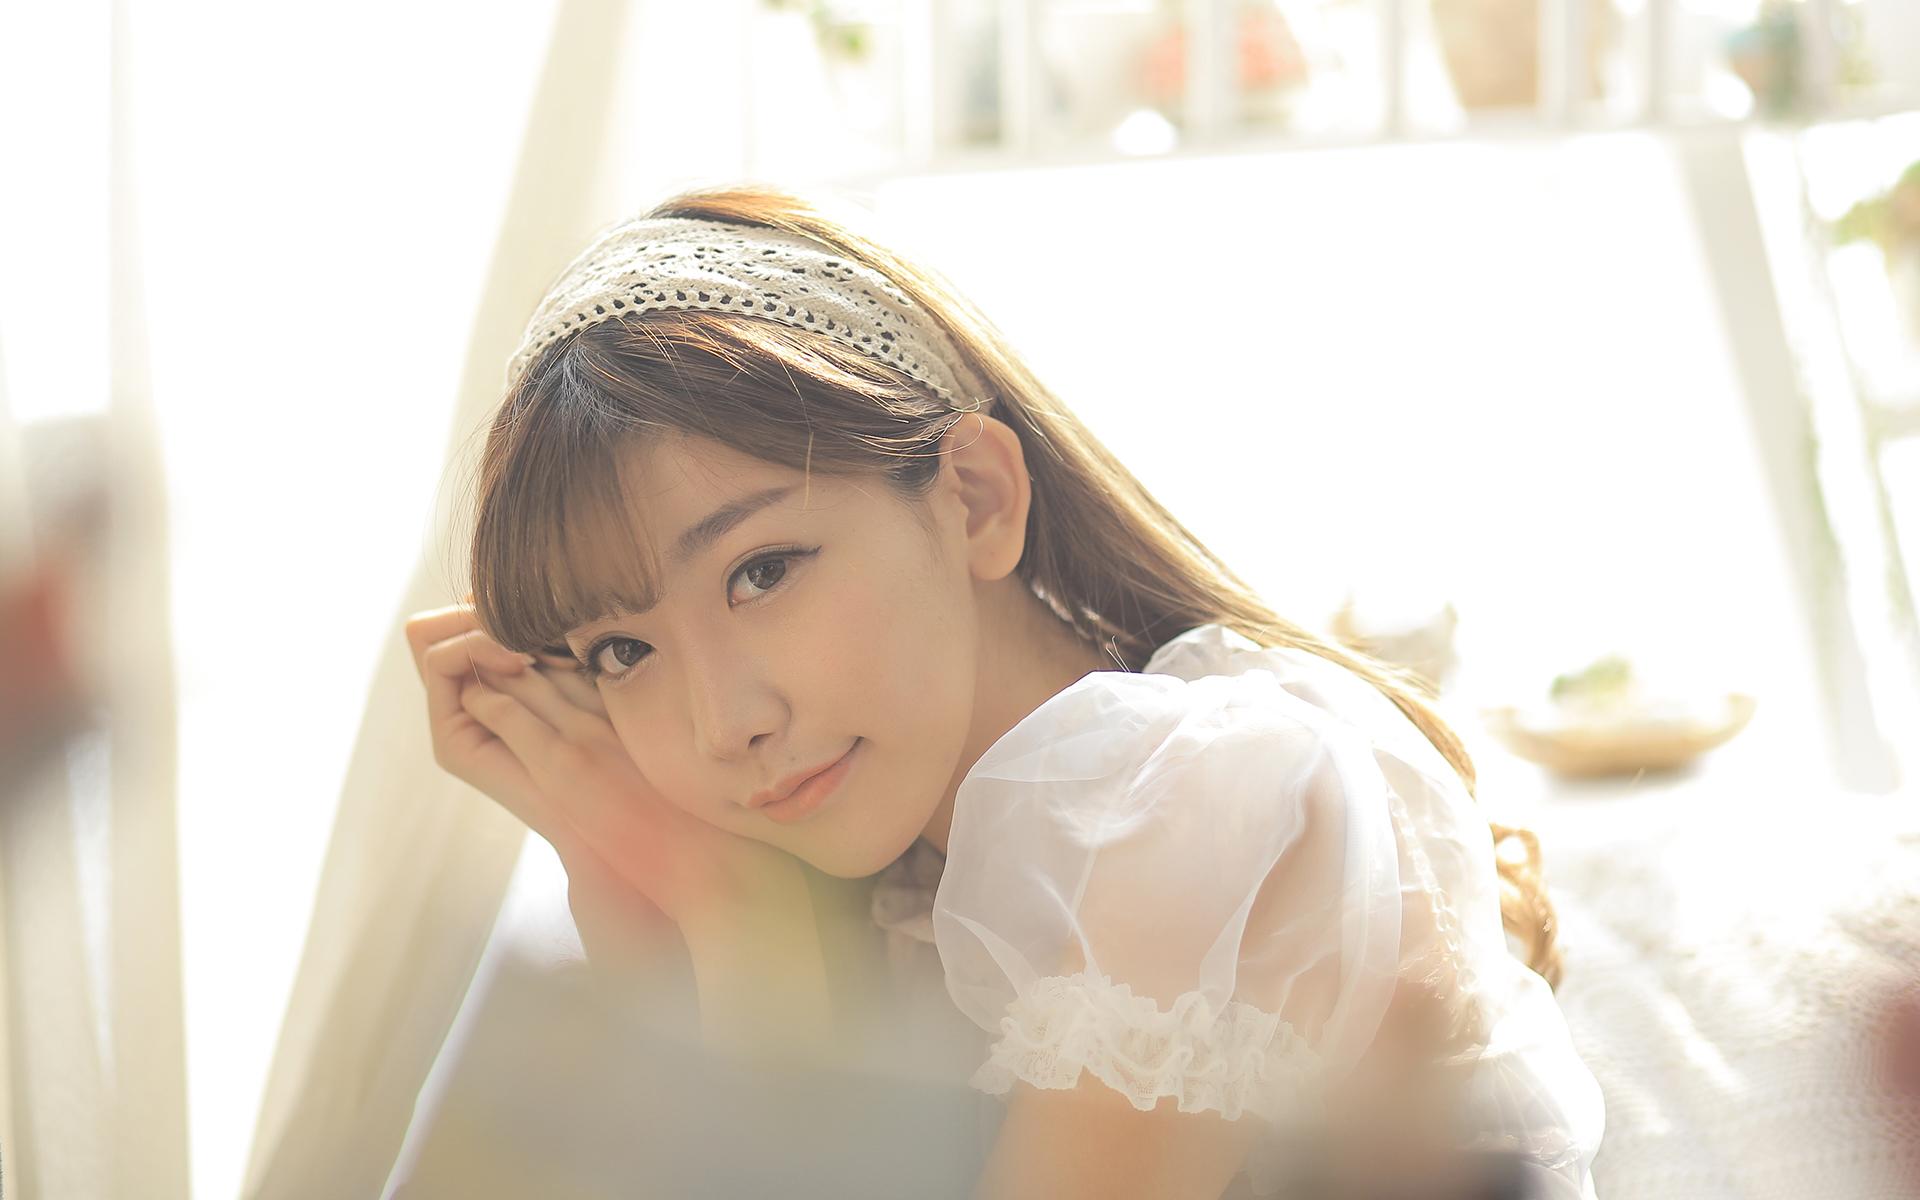 美女图片:咖啡馆甜美女孩纯白系写真[多图]图片8